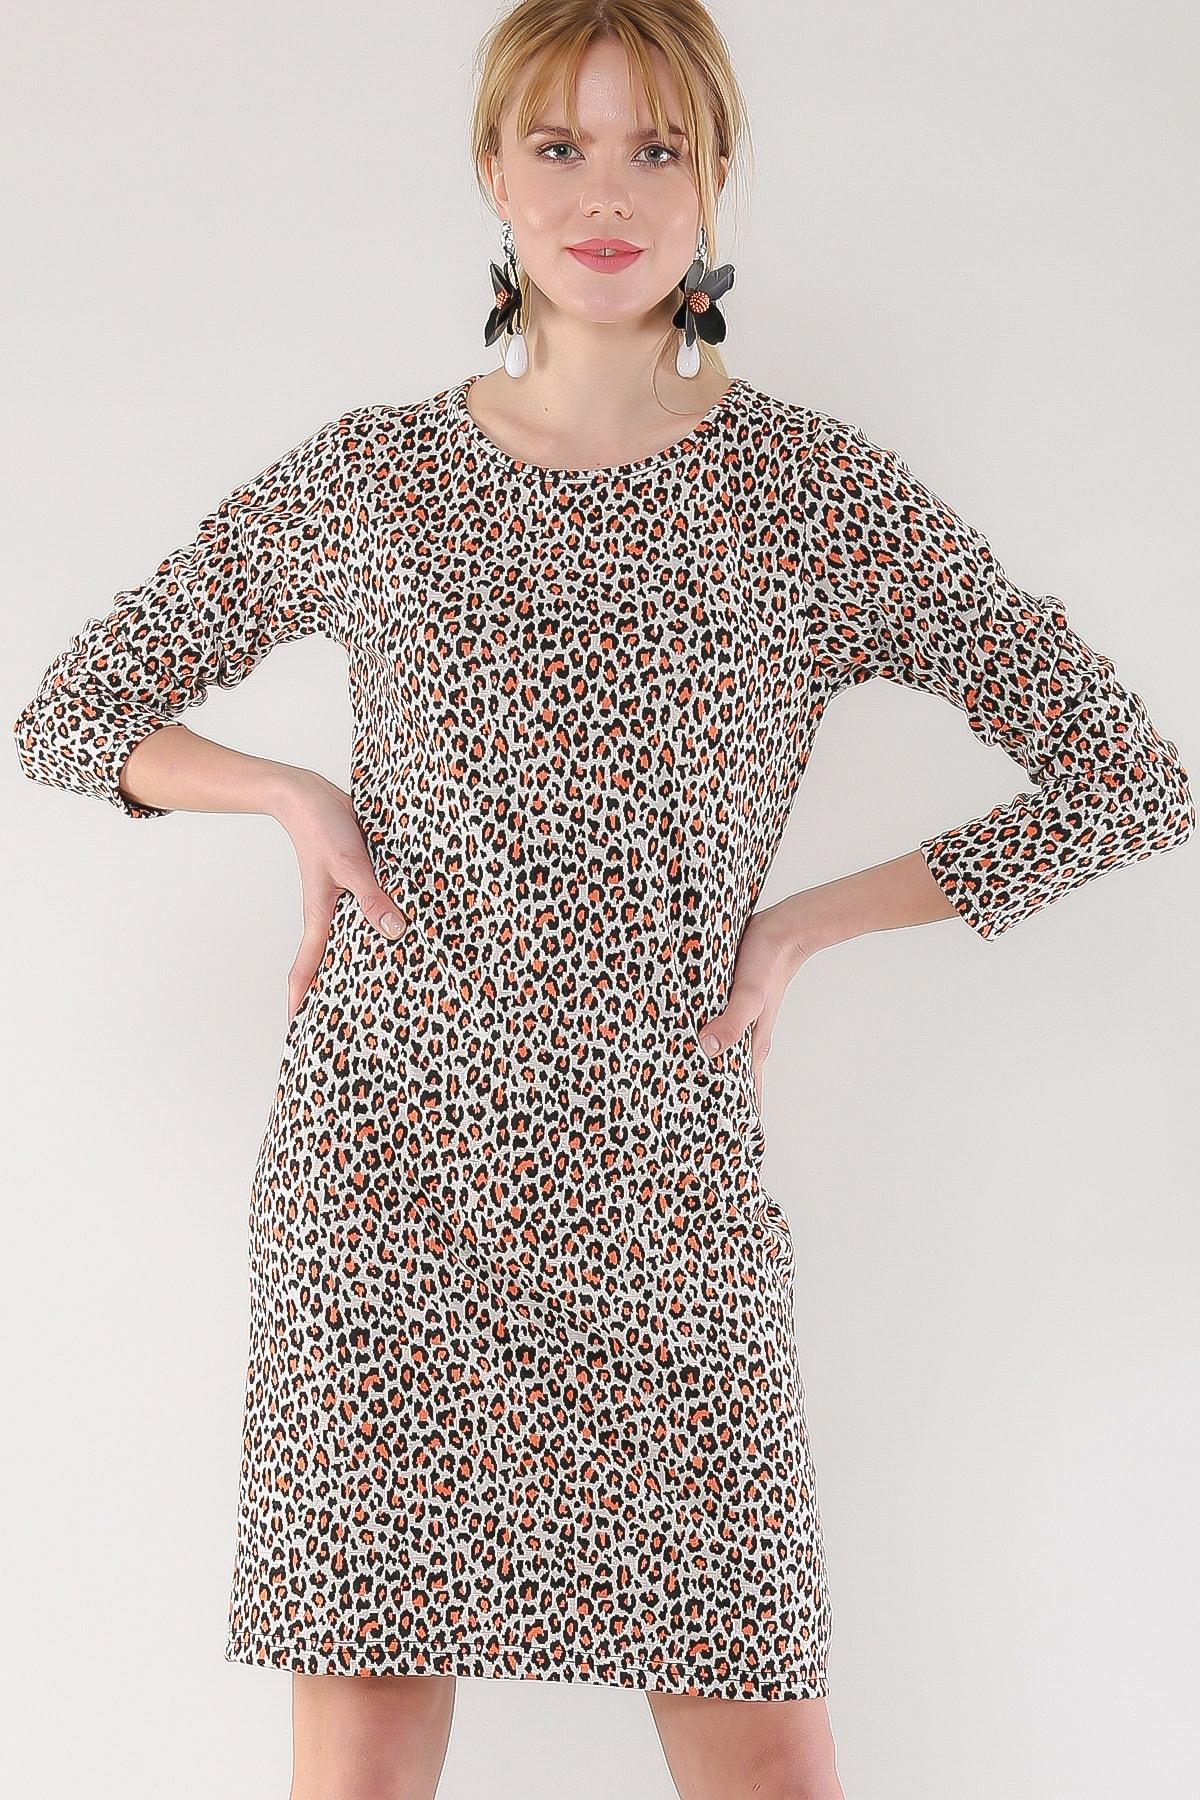 Chiccy Kadın Multı Leopar Desenli Sıfır Yaka Elbise M10160000EL97468